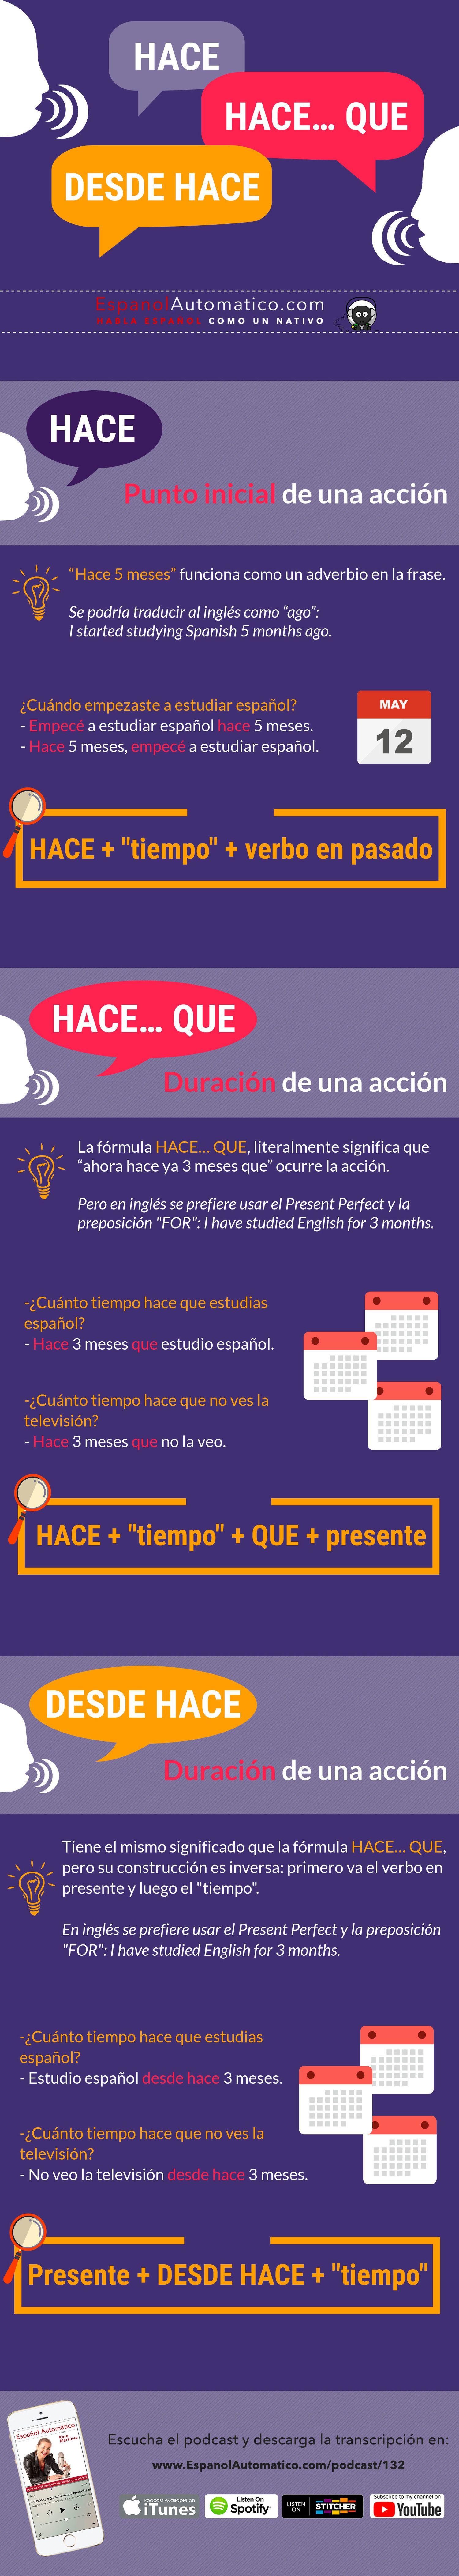 132 Hace Hace Que Y Desde Hace I Gramatica Espanola